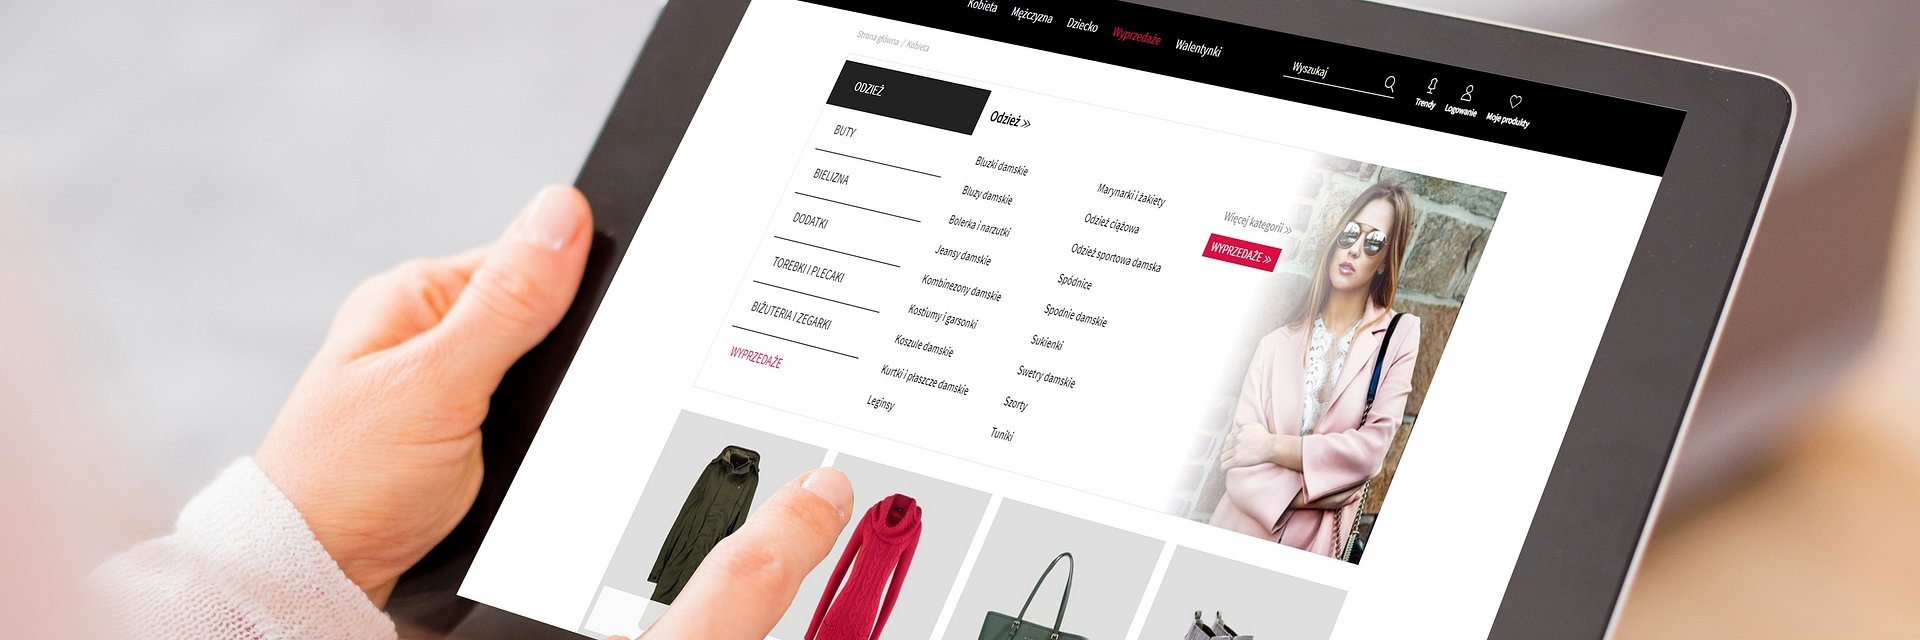 RAPORT: przeglądarki modowe i sklepy multibrandowe